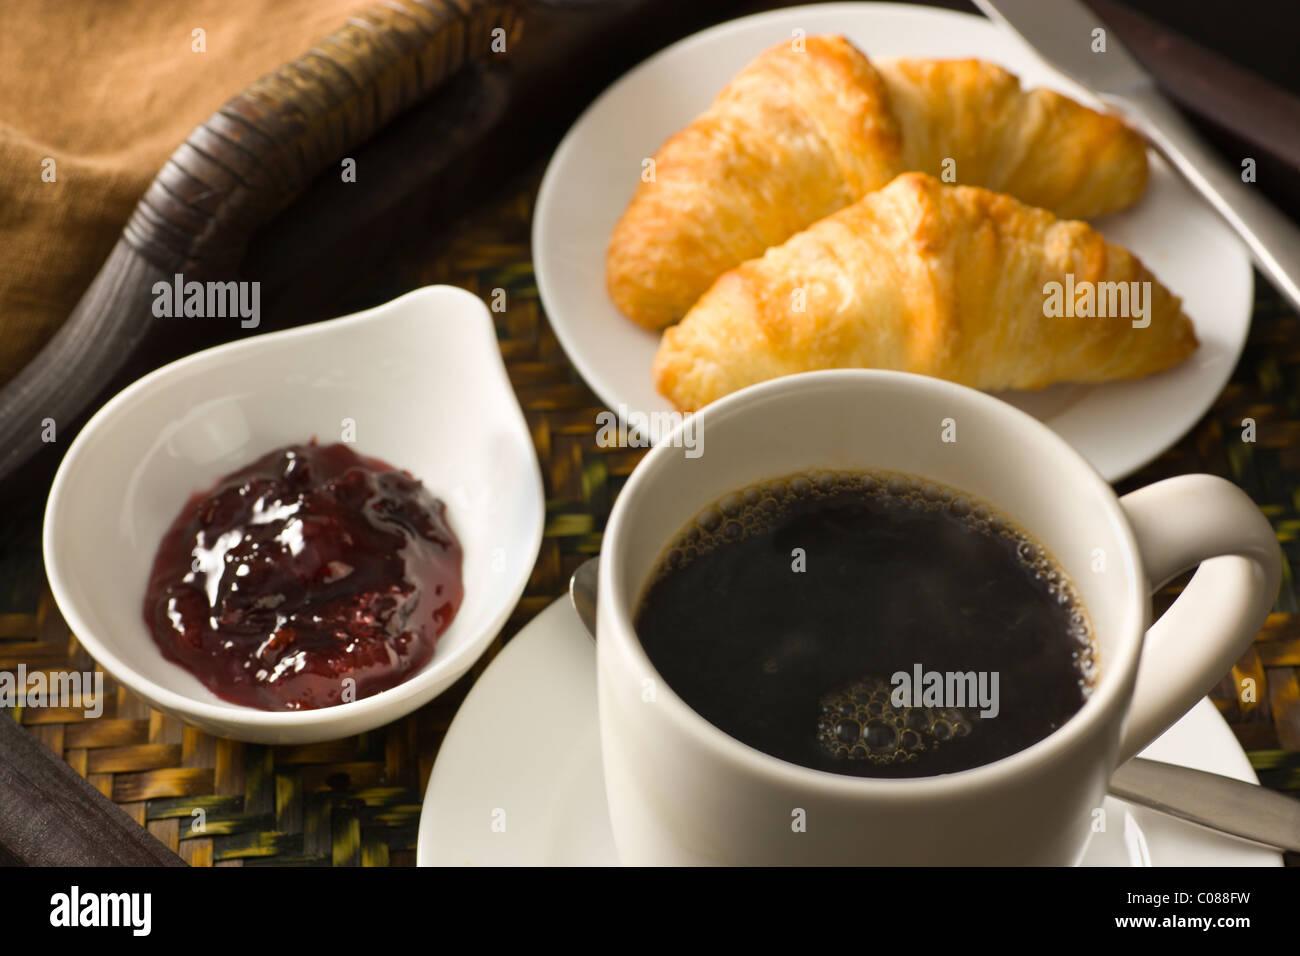 Una bandeja con cruasanes, mermelada y una taza de café negro caliente Foto de stock